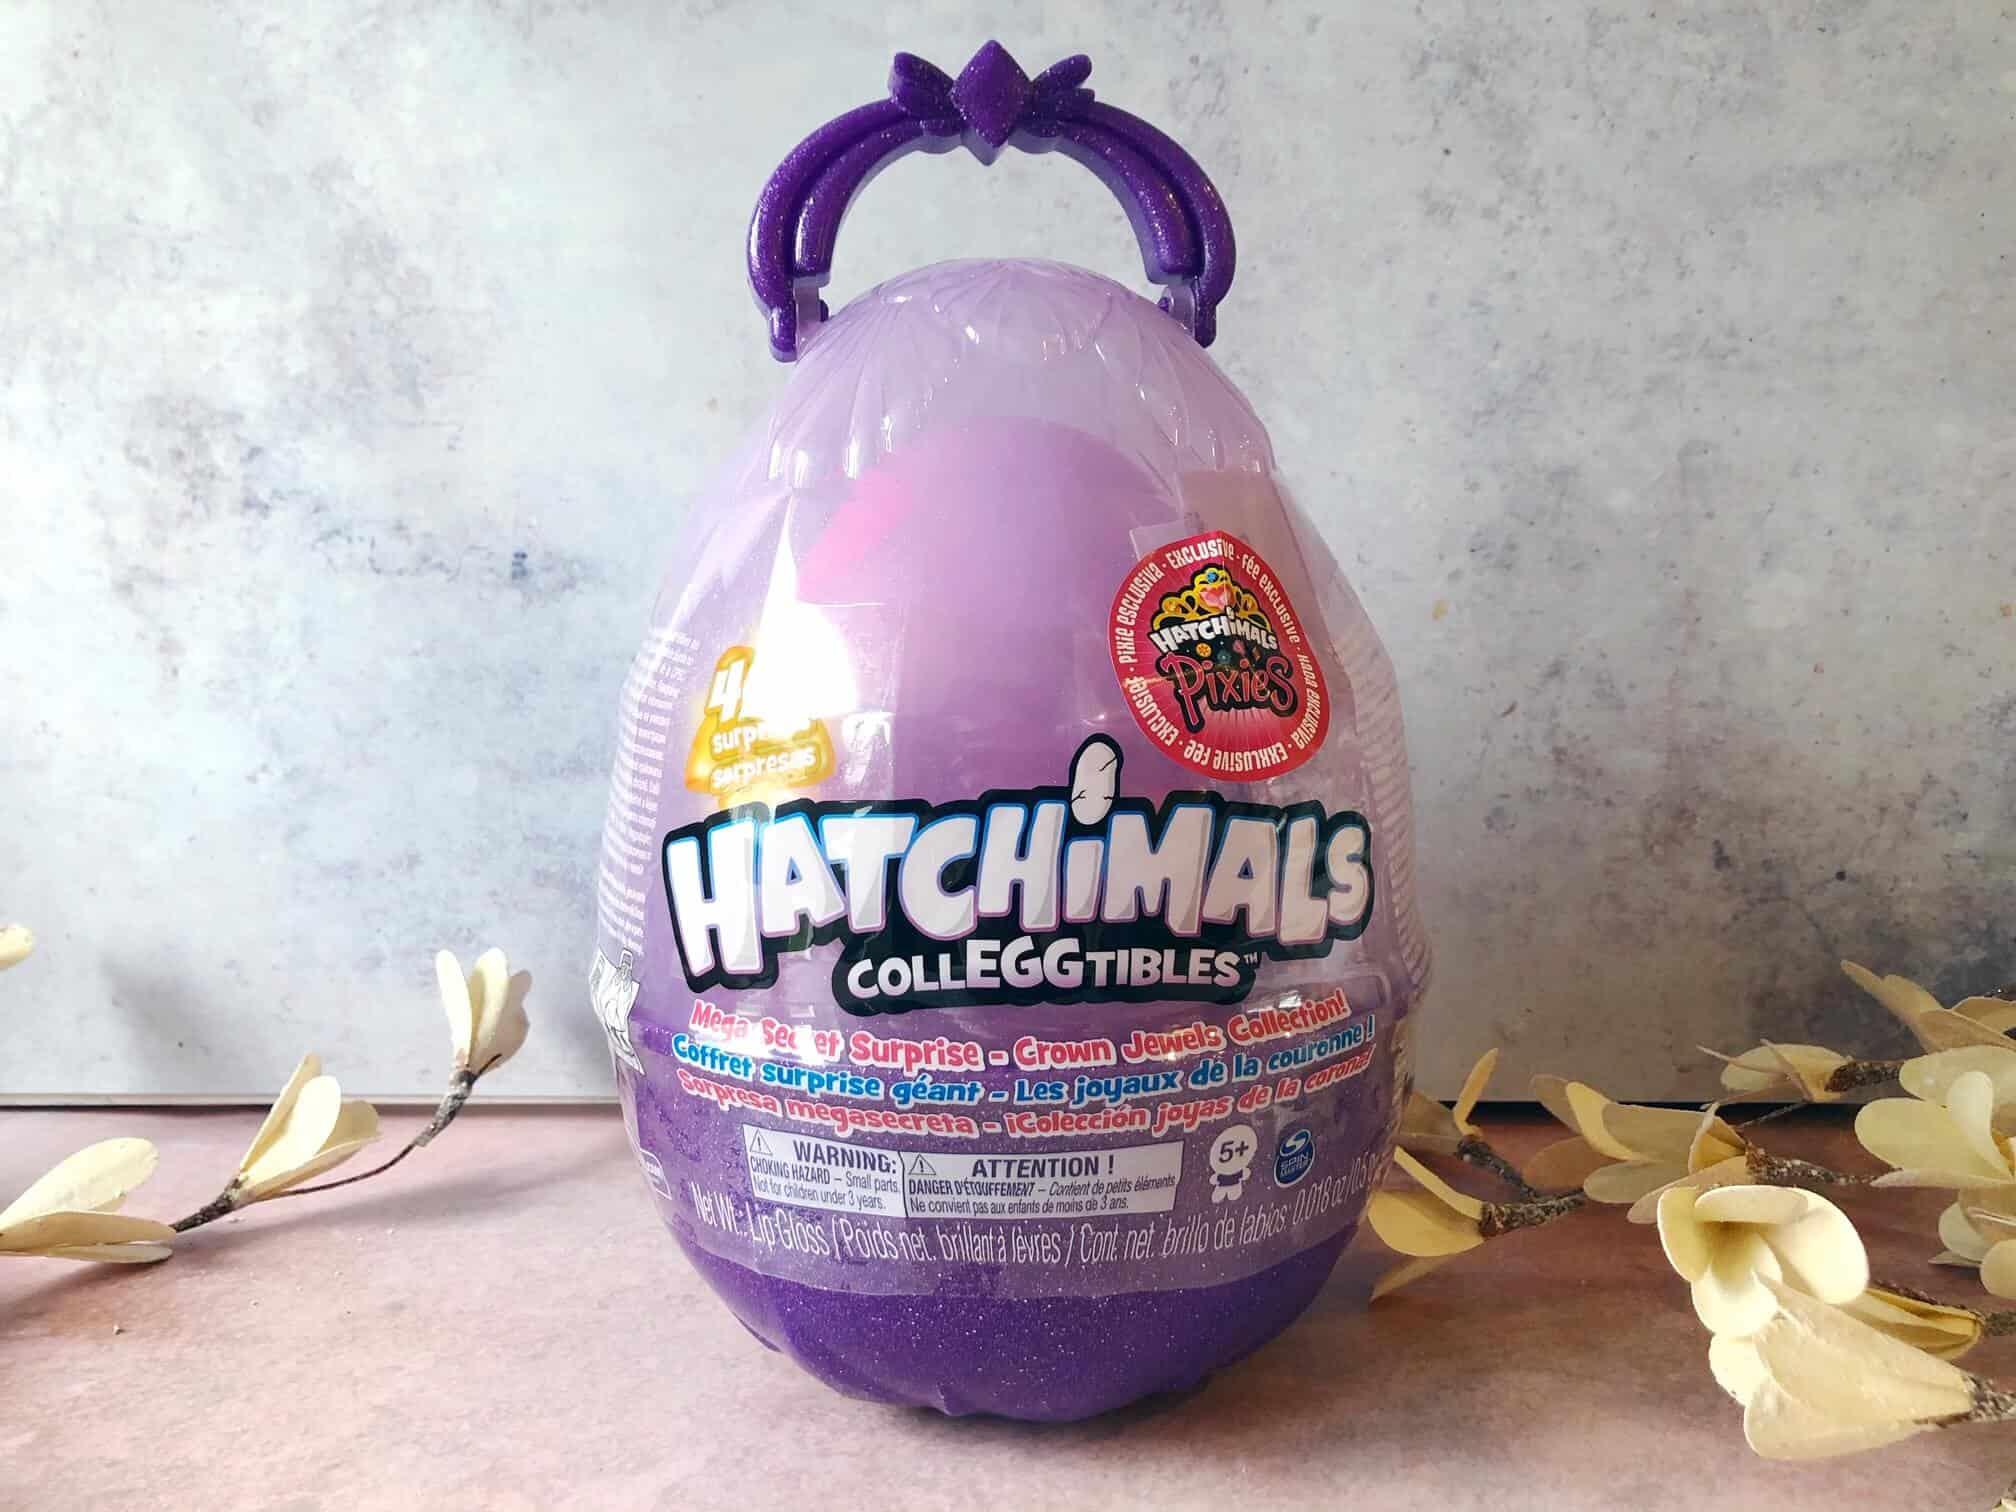 Hatchimals CollEGGtibles Crown Jewels Mega Secret Surprise - Review